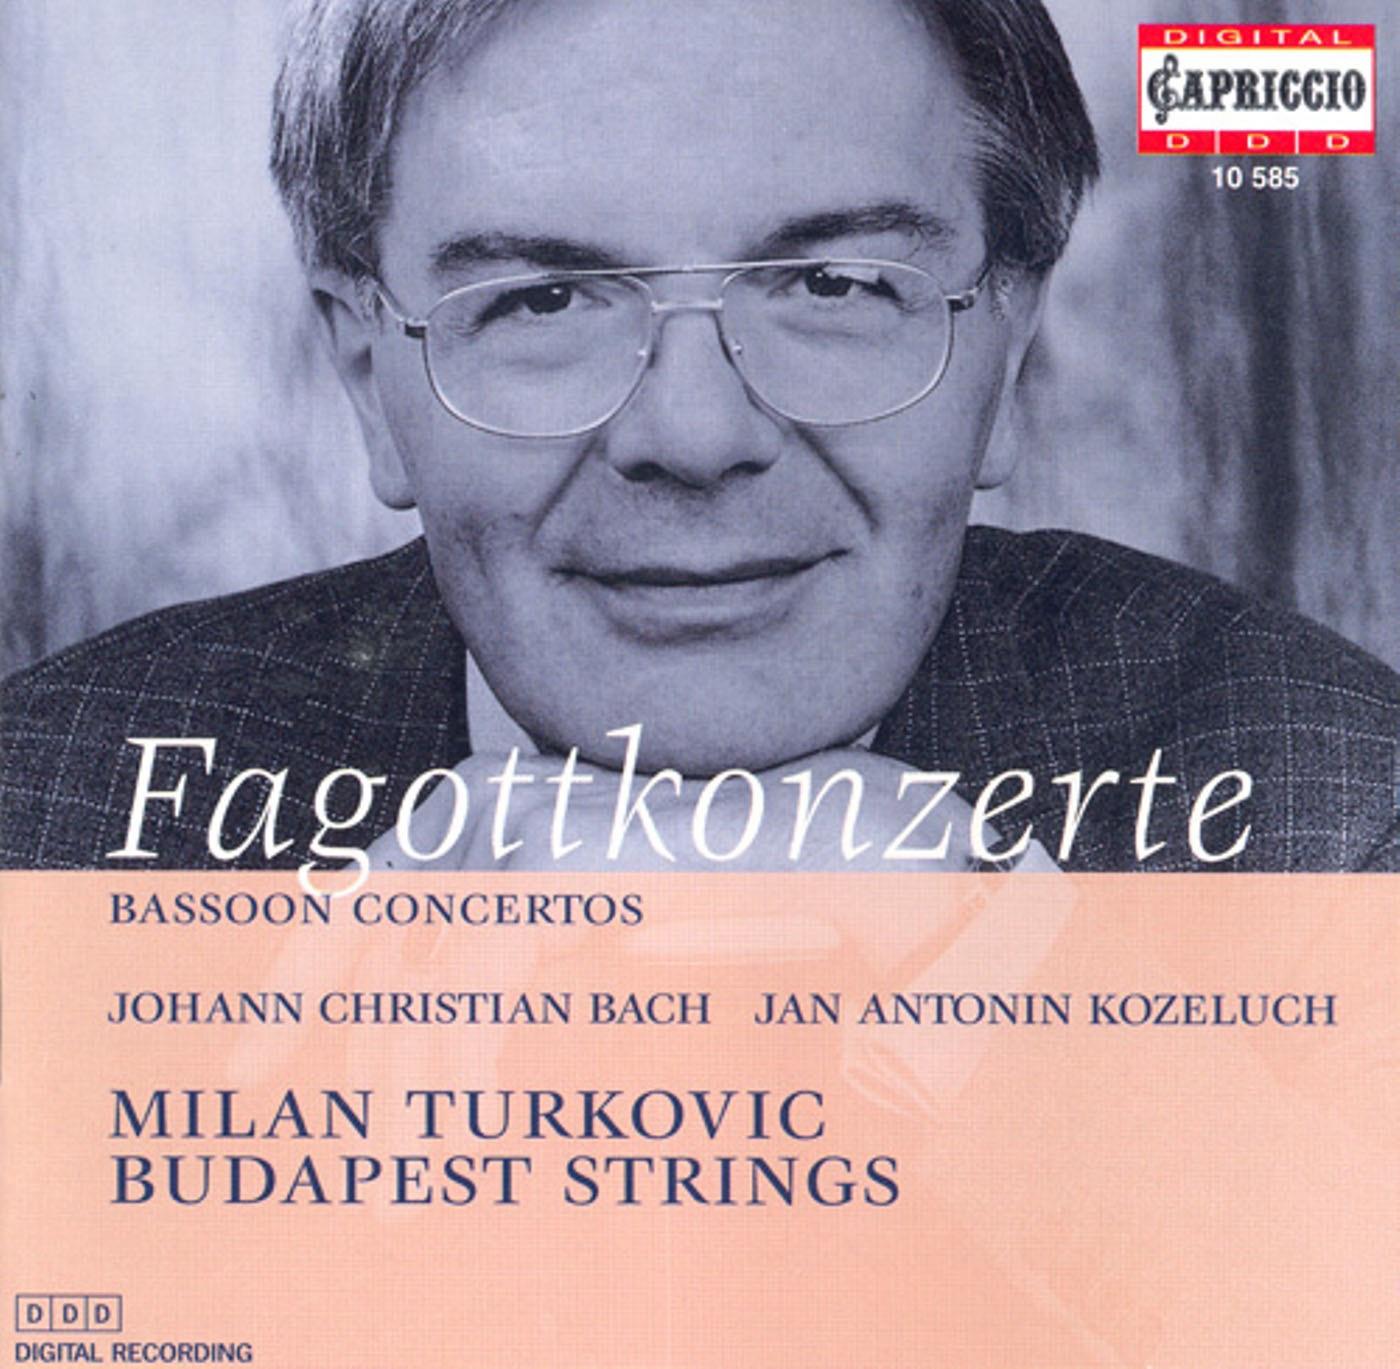 Bassoon Concertos - Bach, J.C. - Kozeluch, J.A.